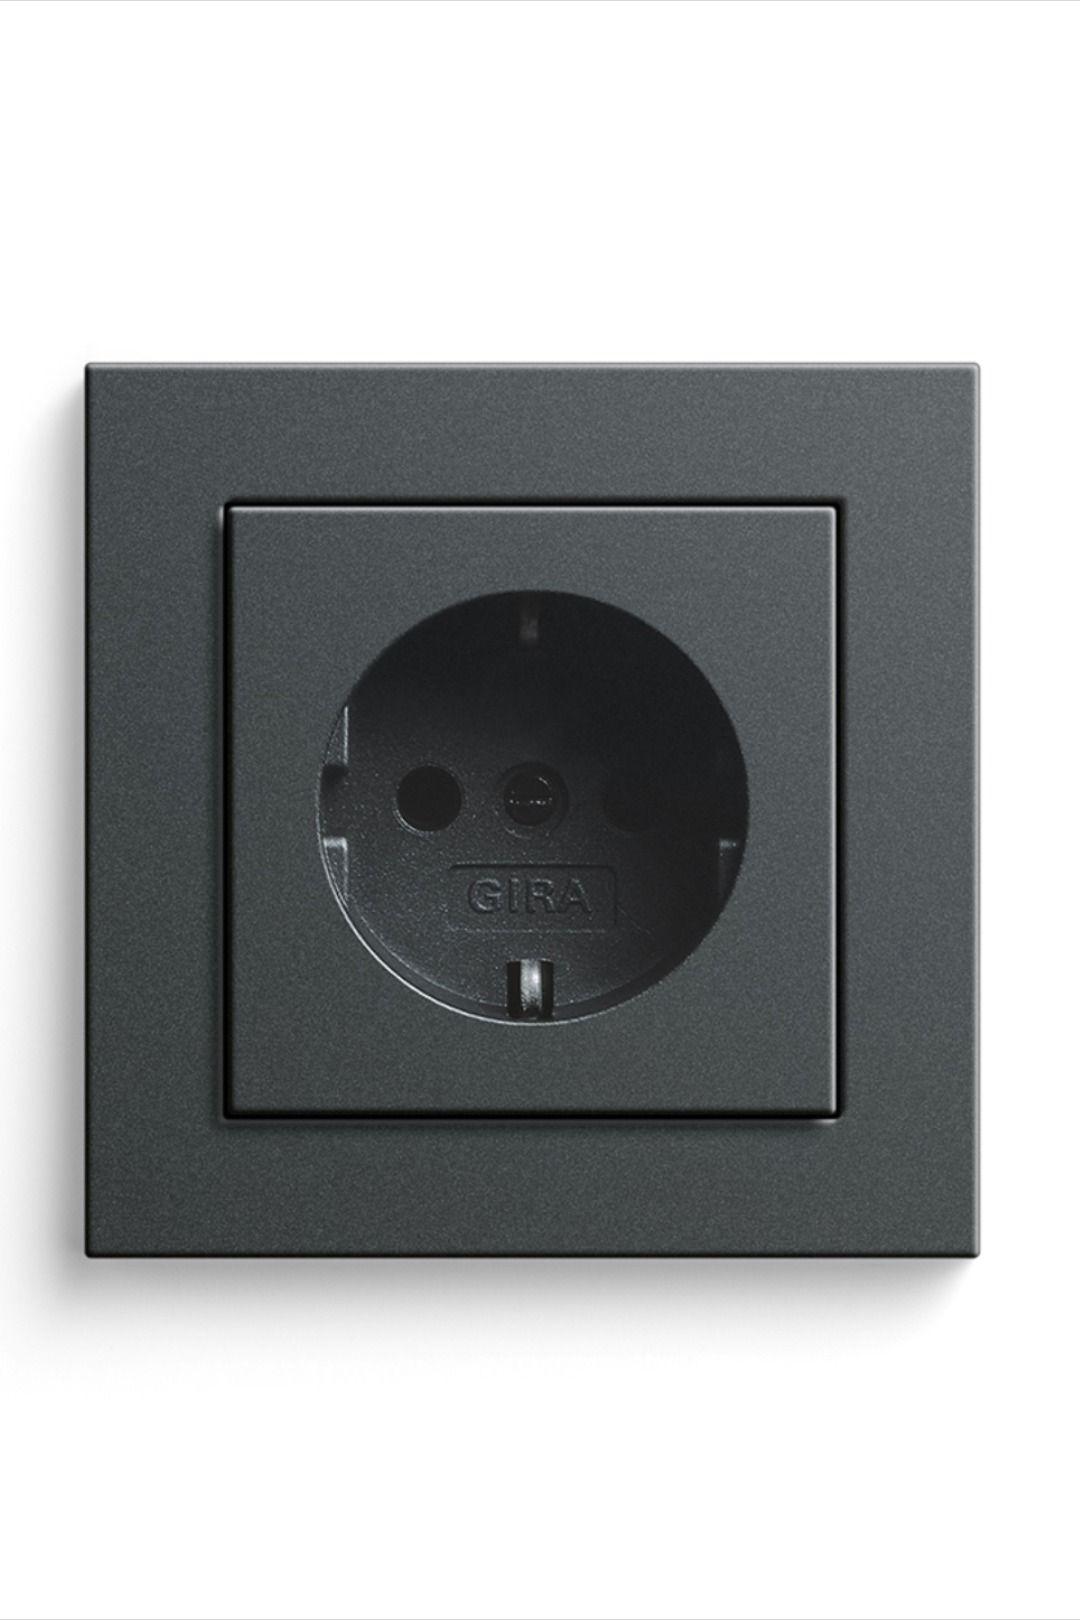 Reduzierte Stilvolle Steckdose In 2020 Schalterprogramm Steckdosen Und Lichtschalter Lichtschalter